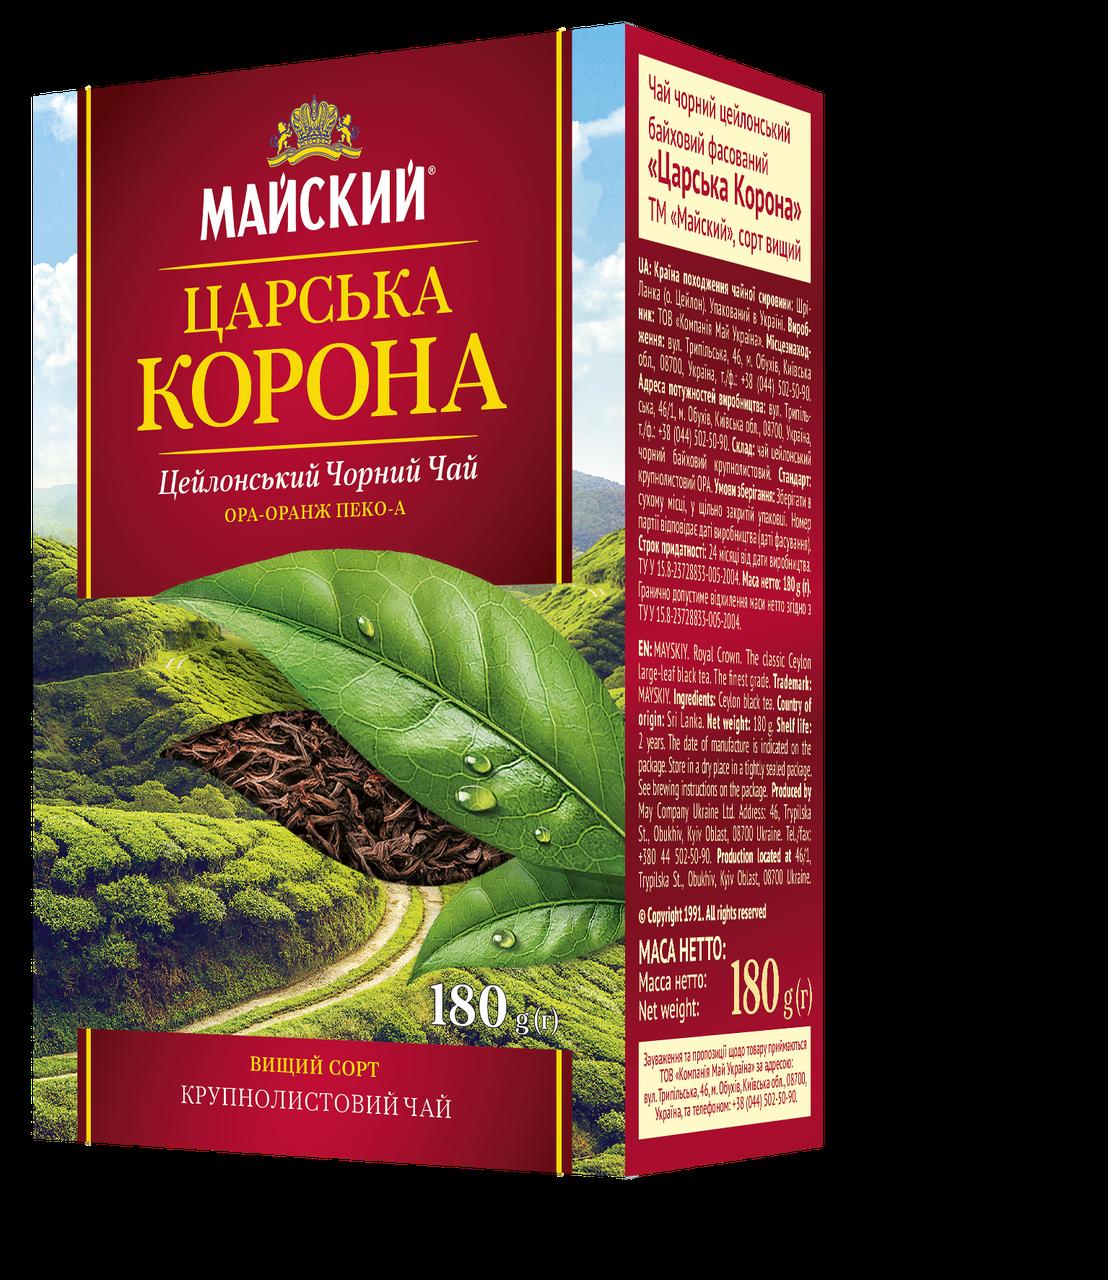 чай чем отличается от цейлонского